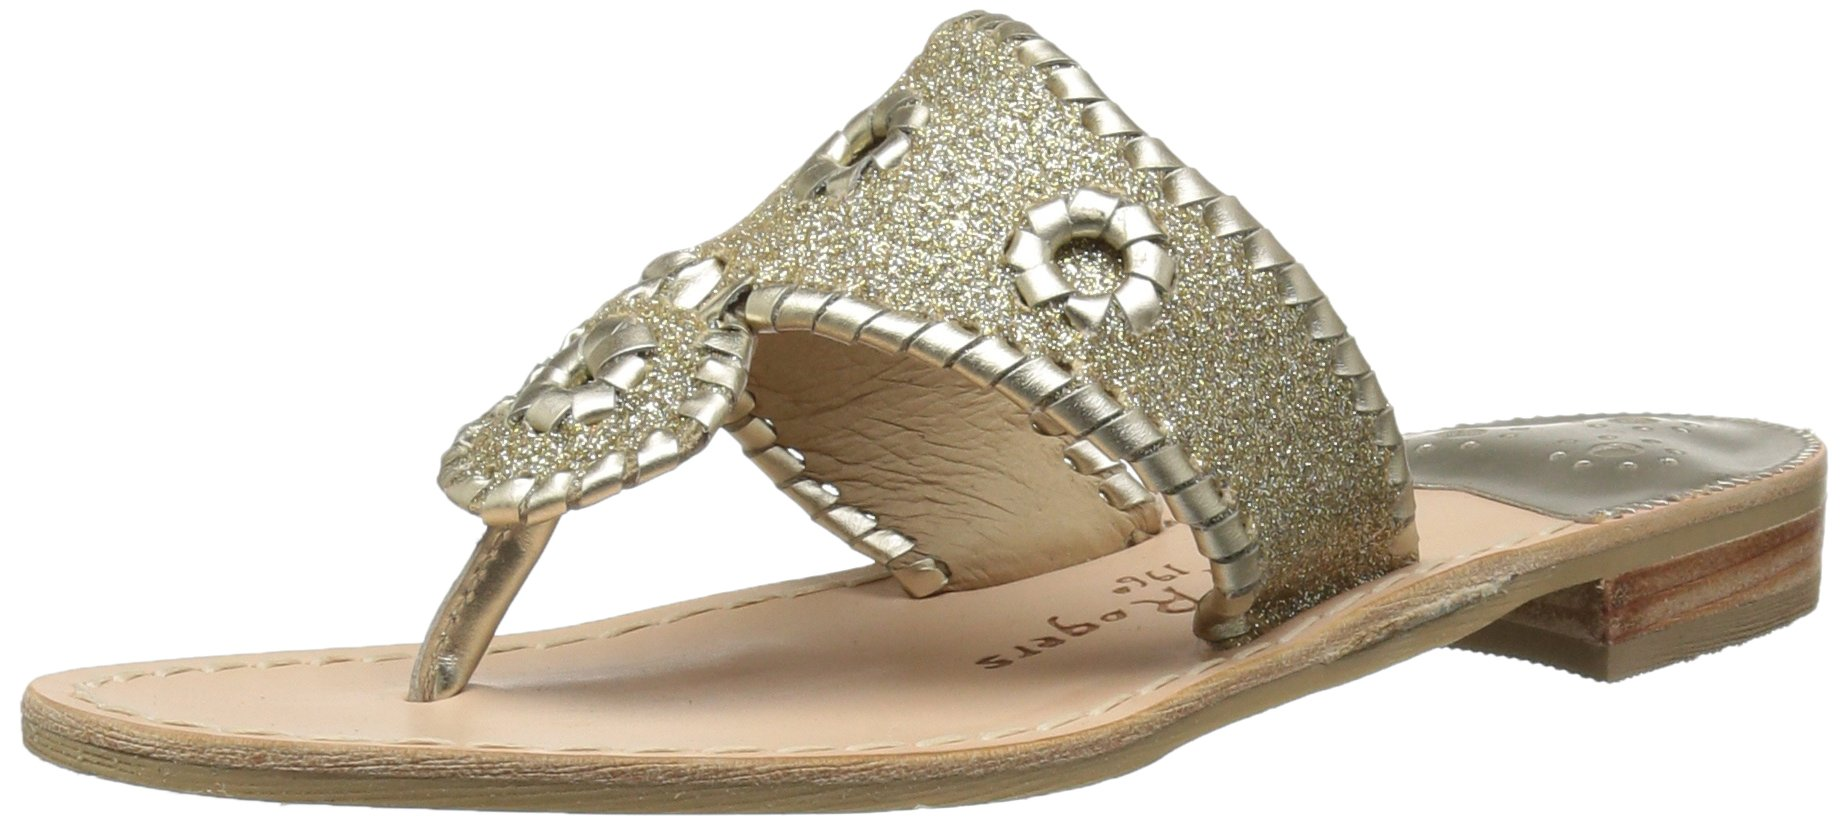 Jack Rogers Women's Sparkle Sandal, Platinum/Platinum, 9 M US